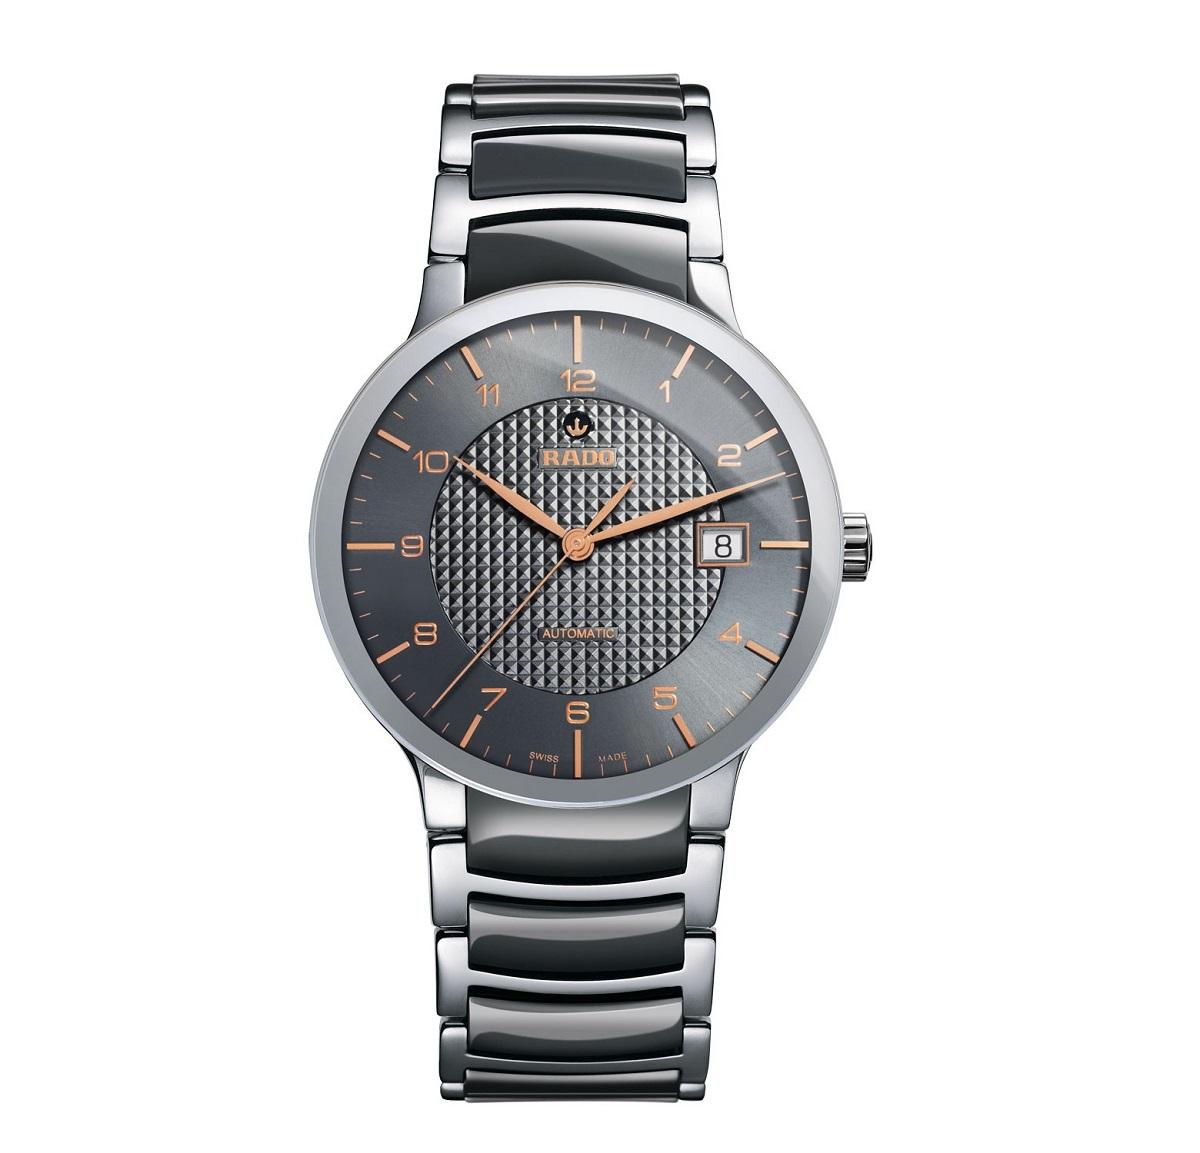 Наручные часы Rado Centrix 658.0939.3.013